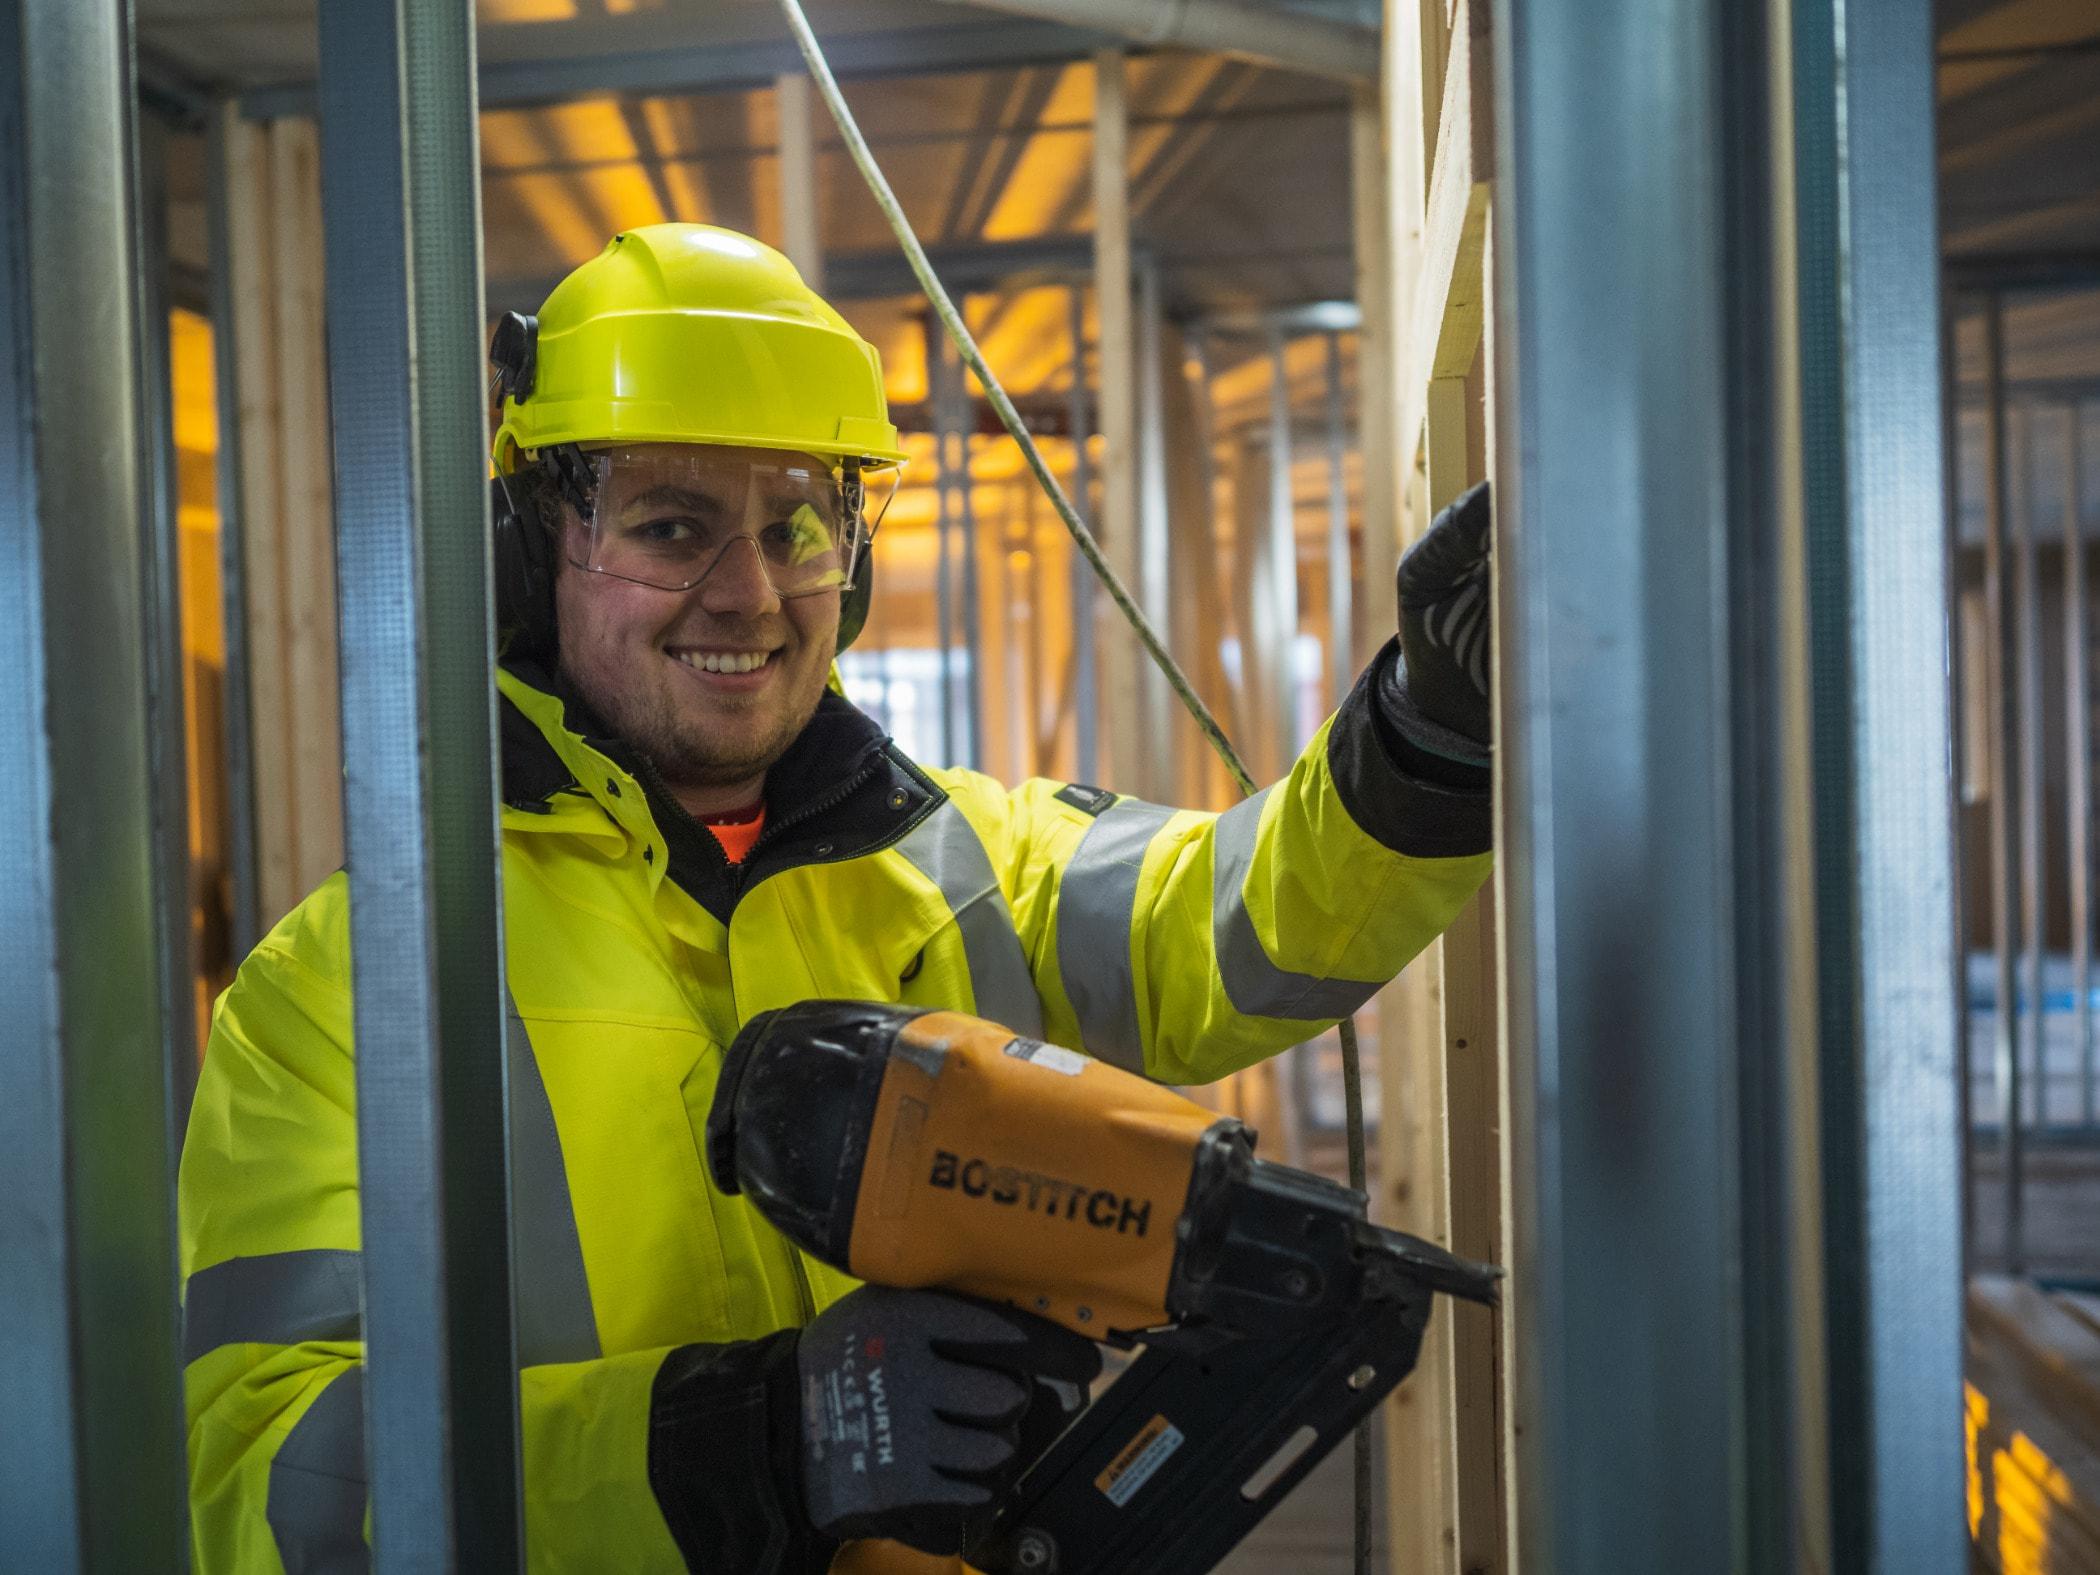 Construction worker, Engineer